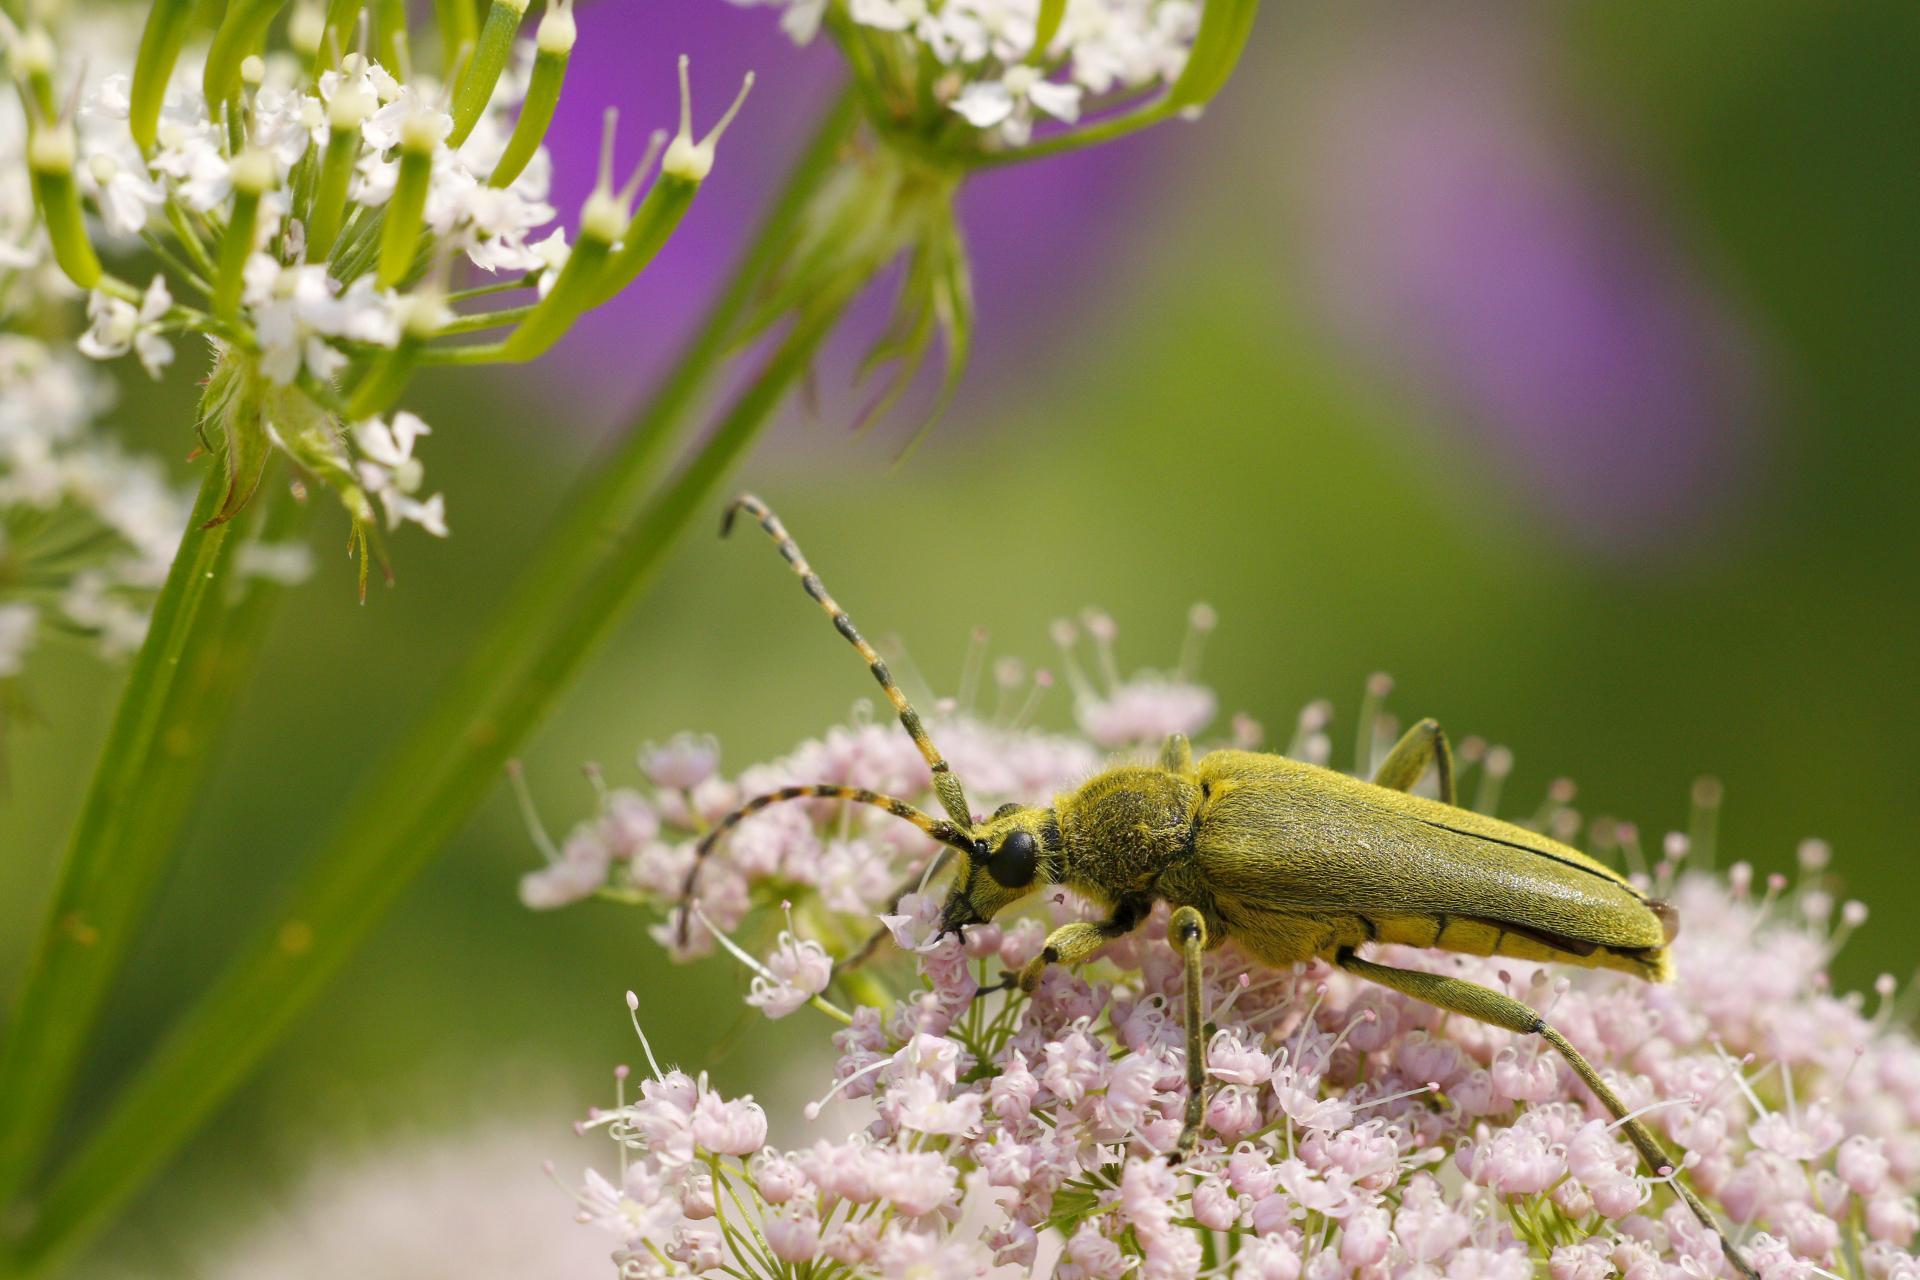 Lepturobosca virens (Cerambycidae)